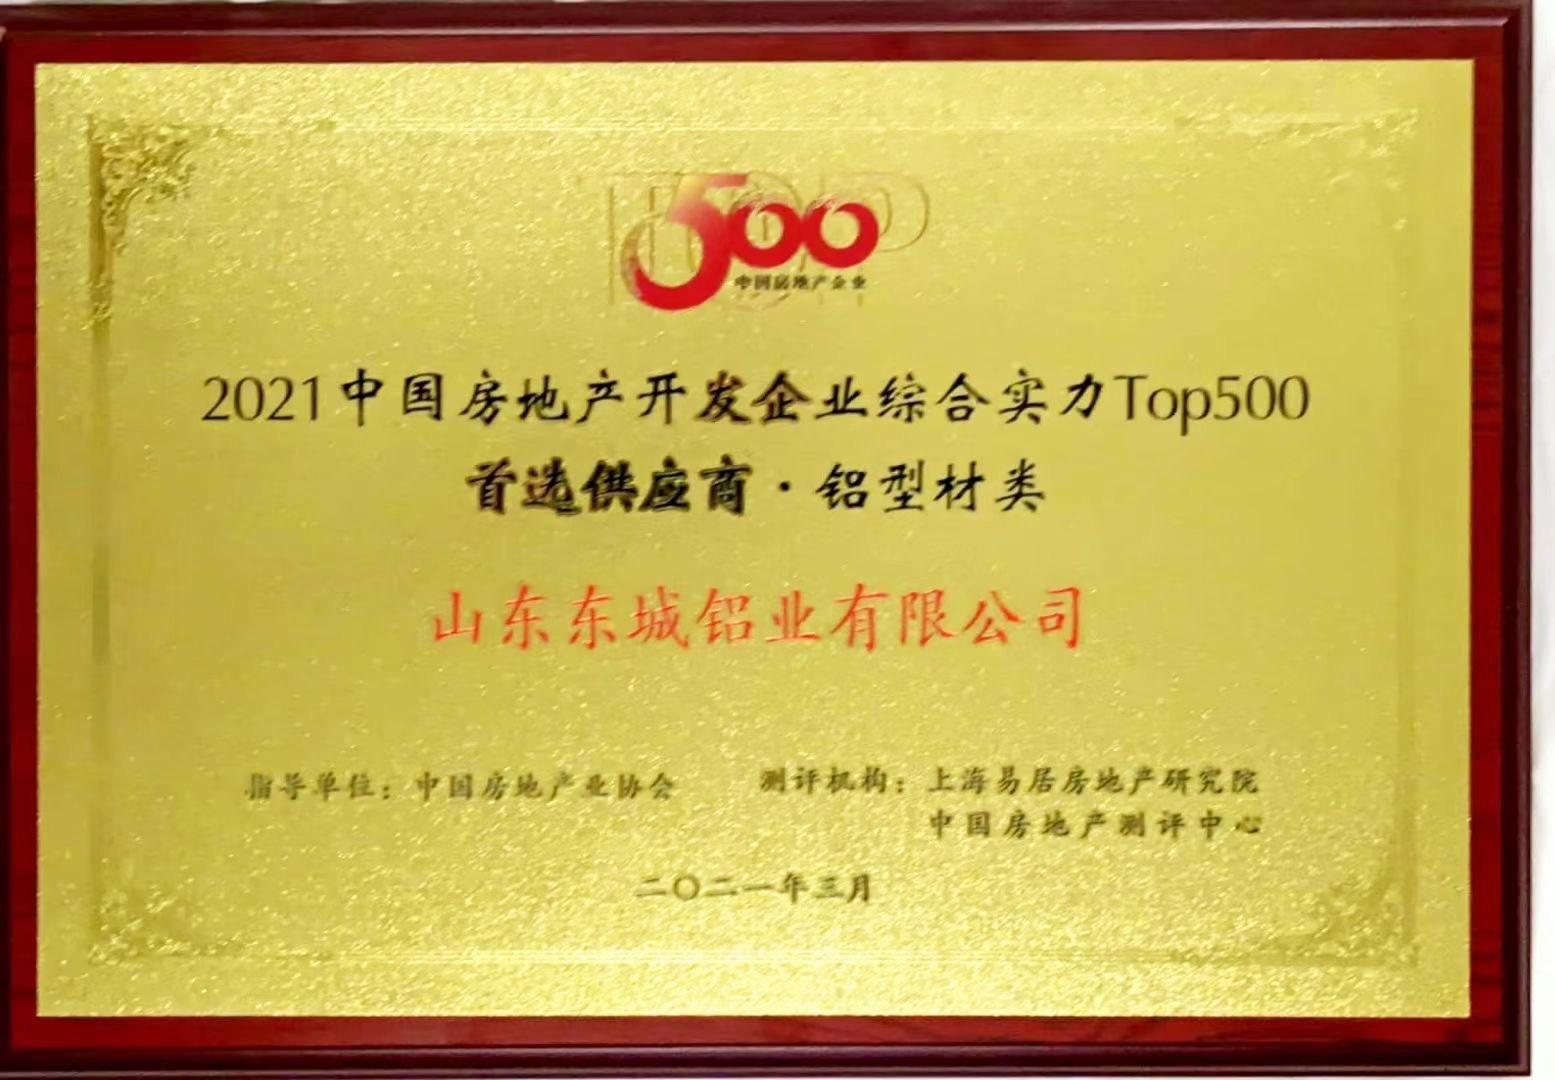 2021中国房地产开发企业综合实力500强**供应商